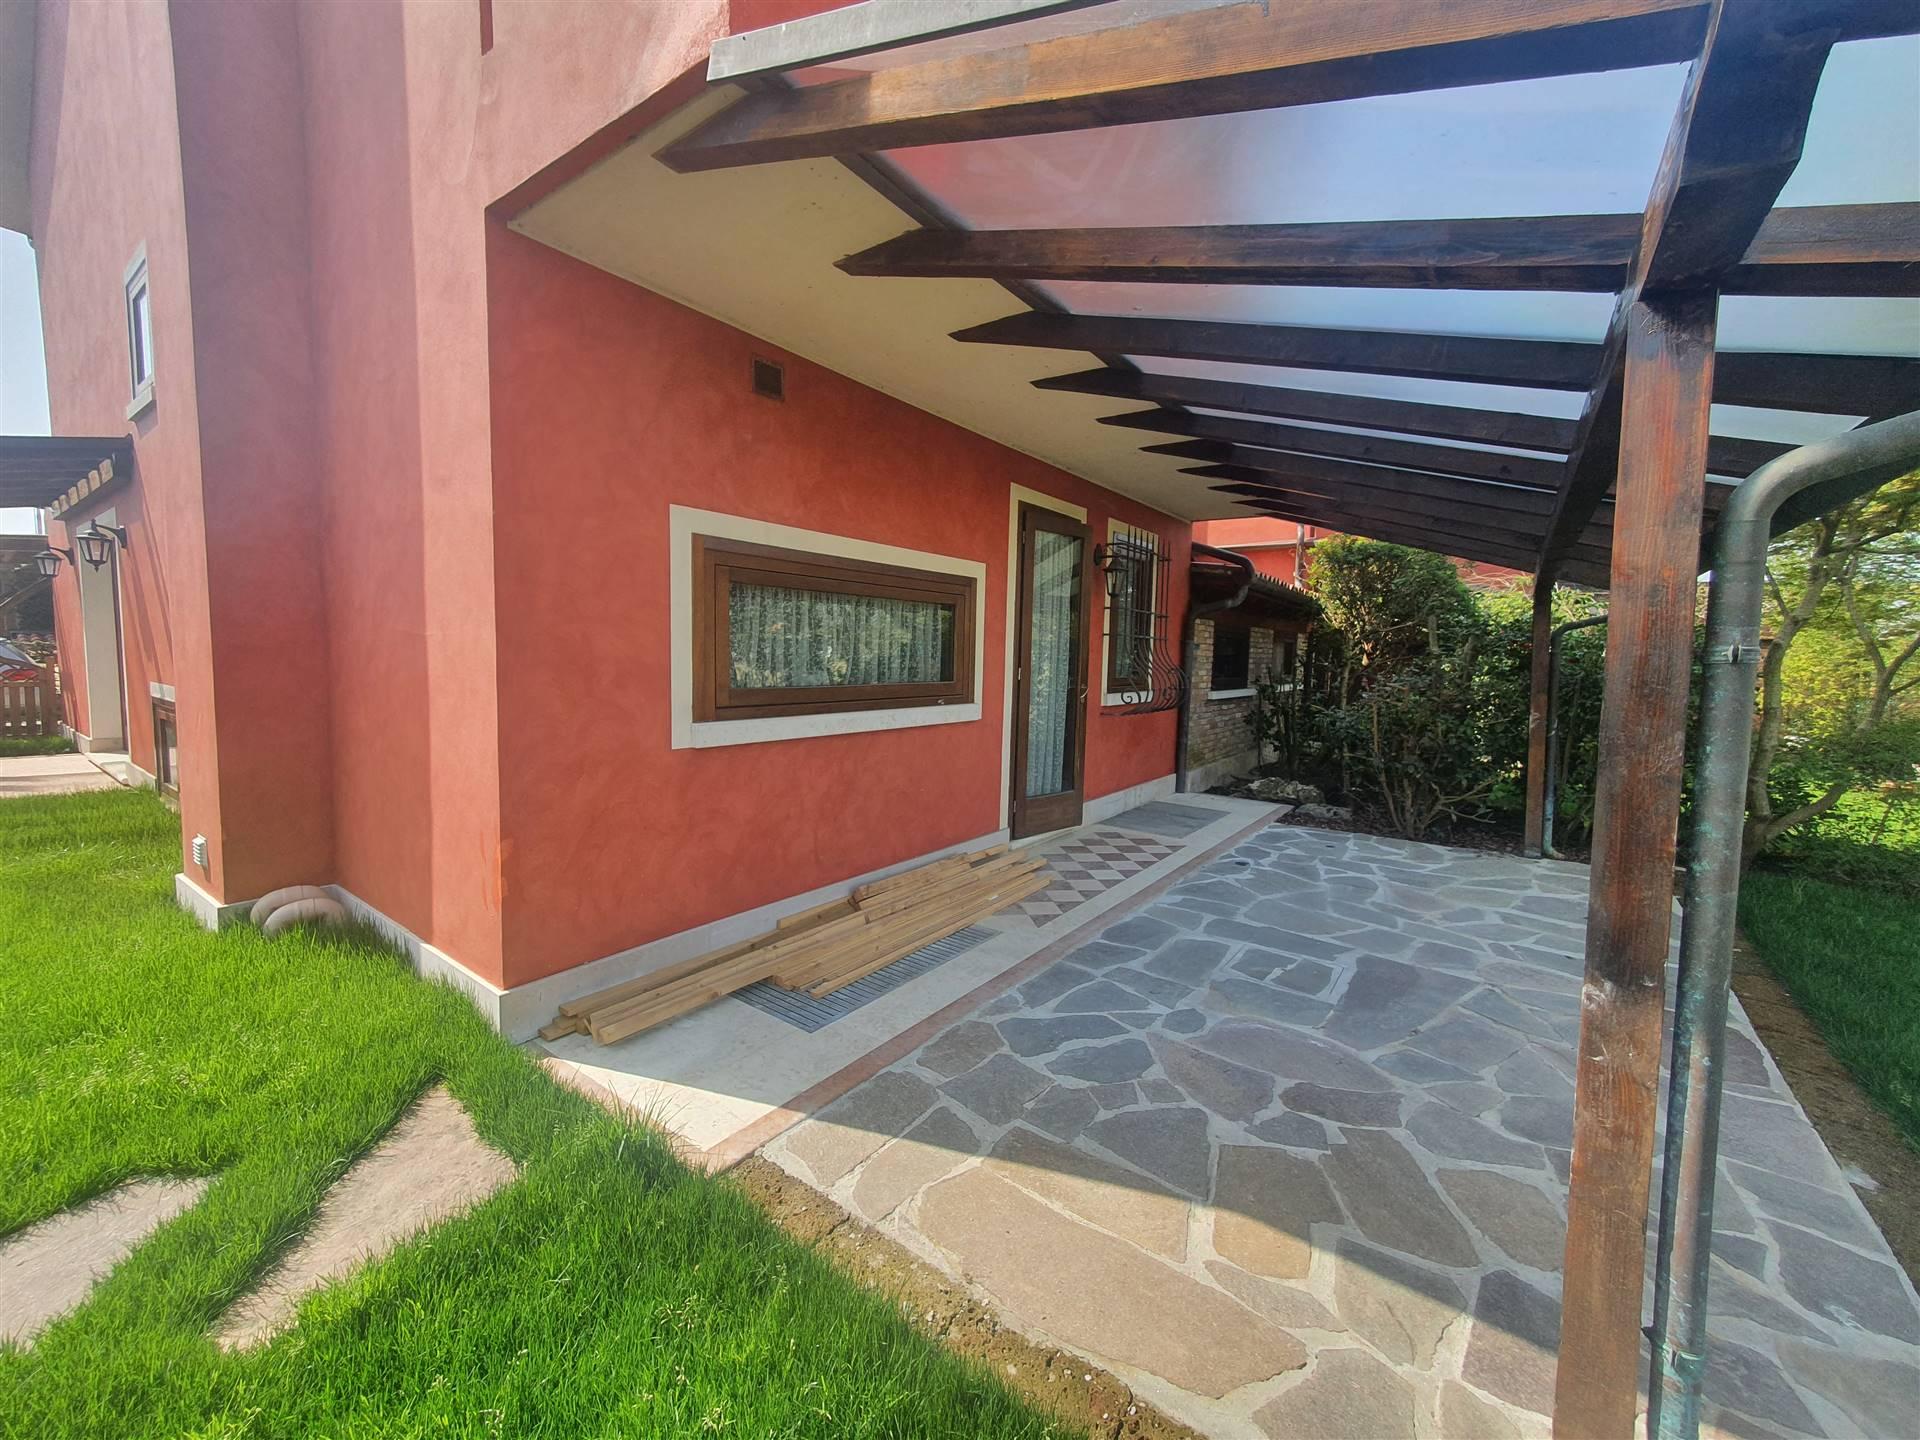 Villa in affitto a Roncade, 7 locali, zona Zona: Musestre, prezzo € 2.000 | CambioCasa.it